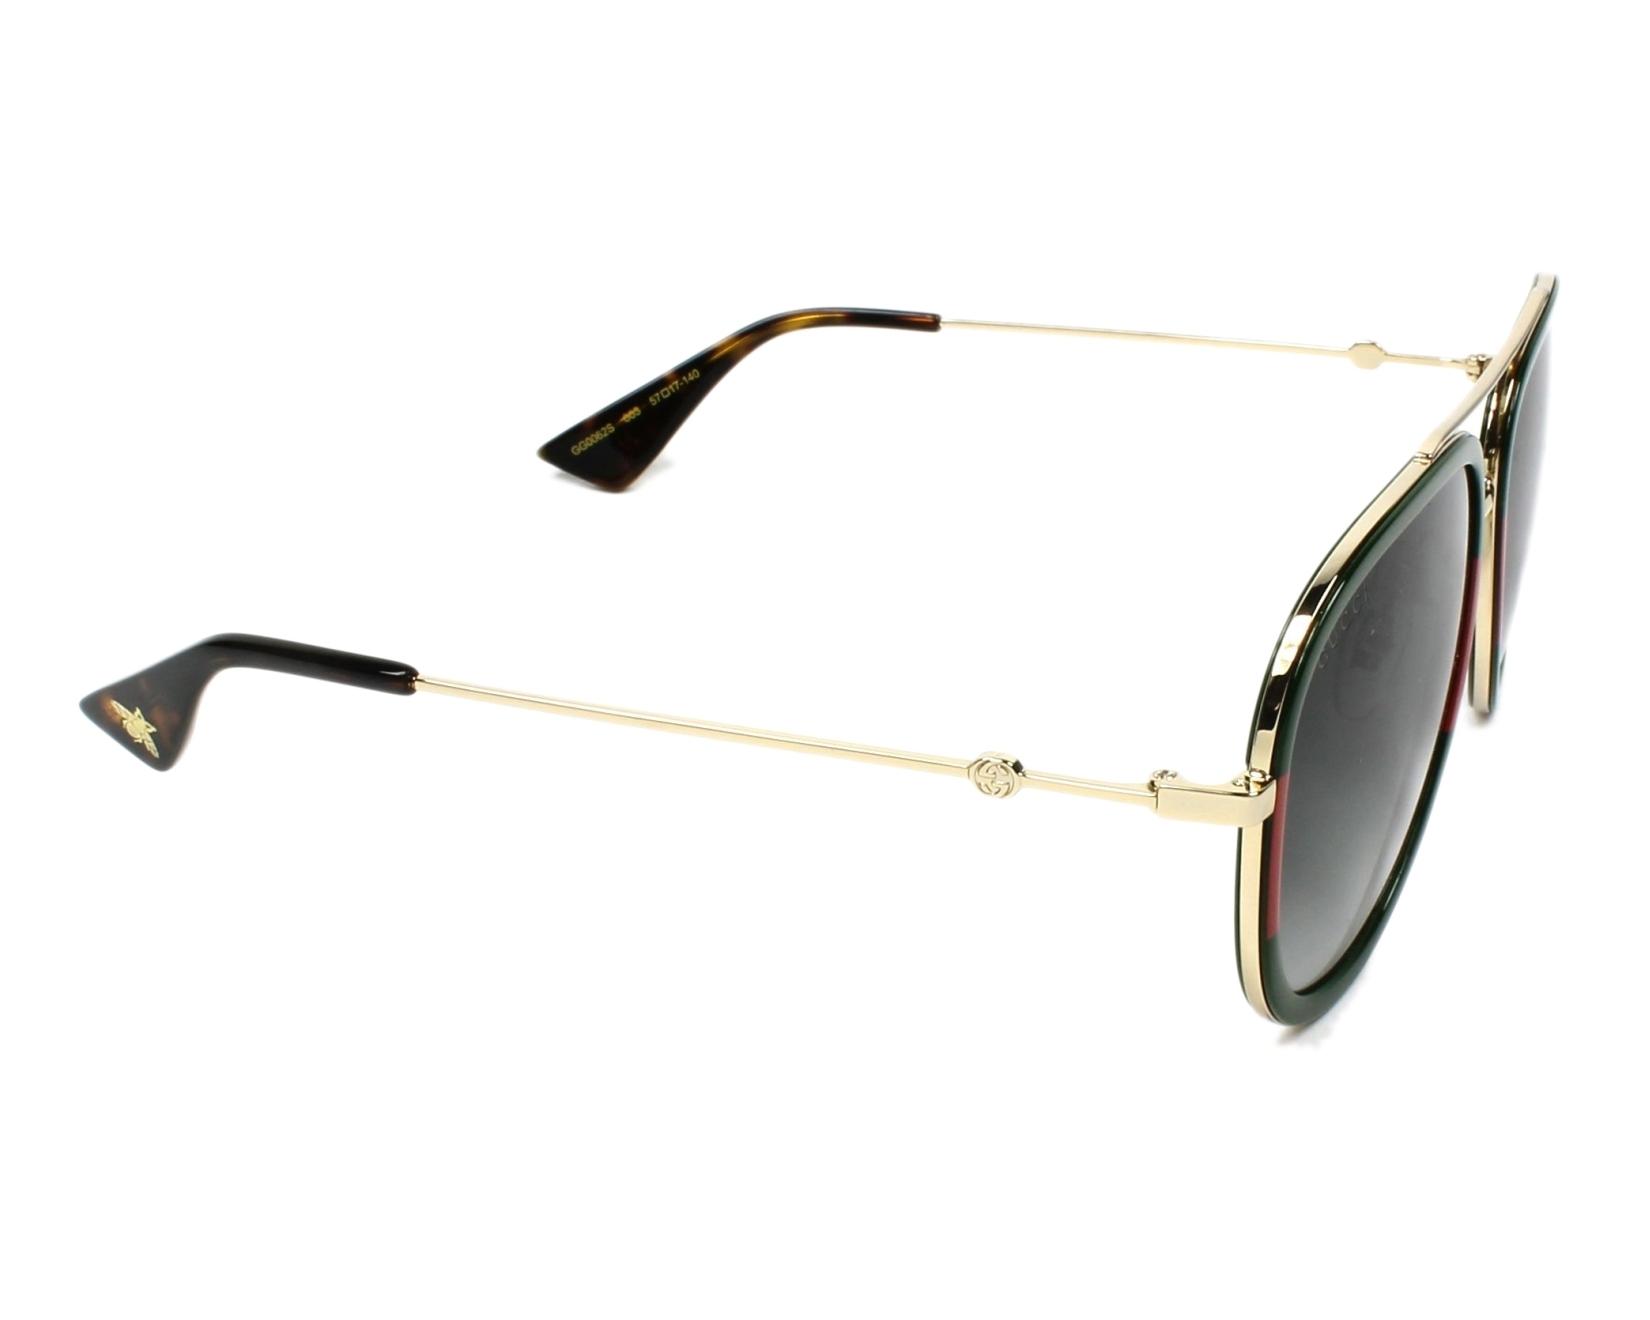 3bc2e8f931e Sunglasses Gucci GG-0062-S 003 57-17 Gold Green side view